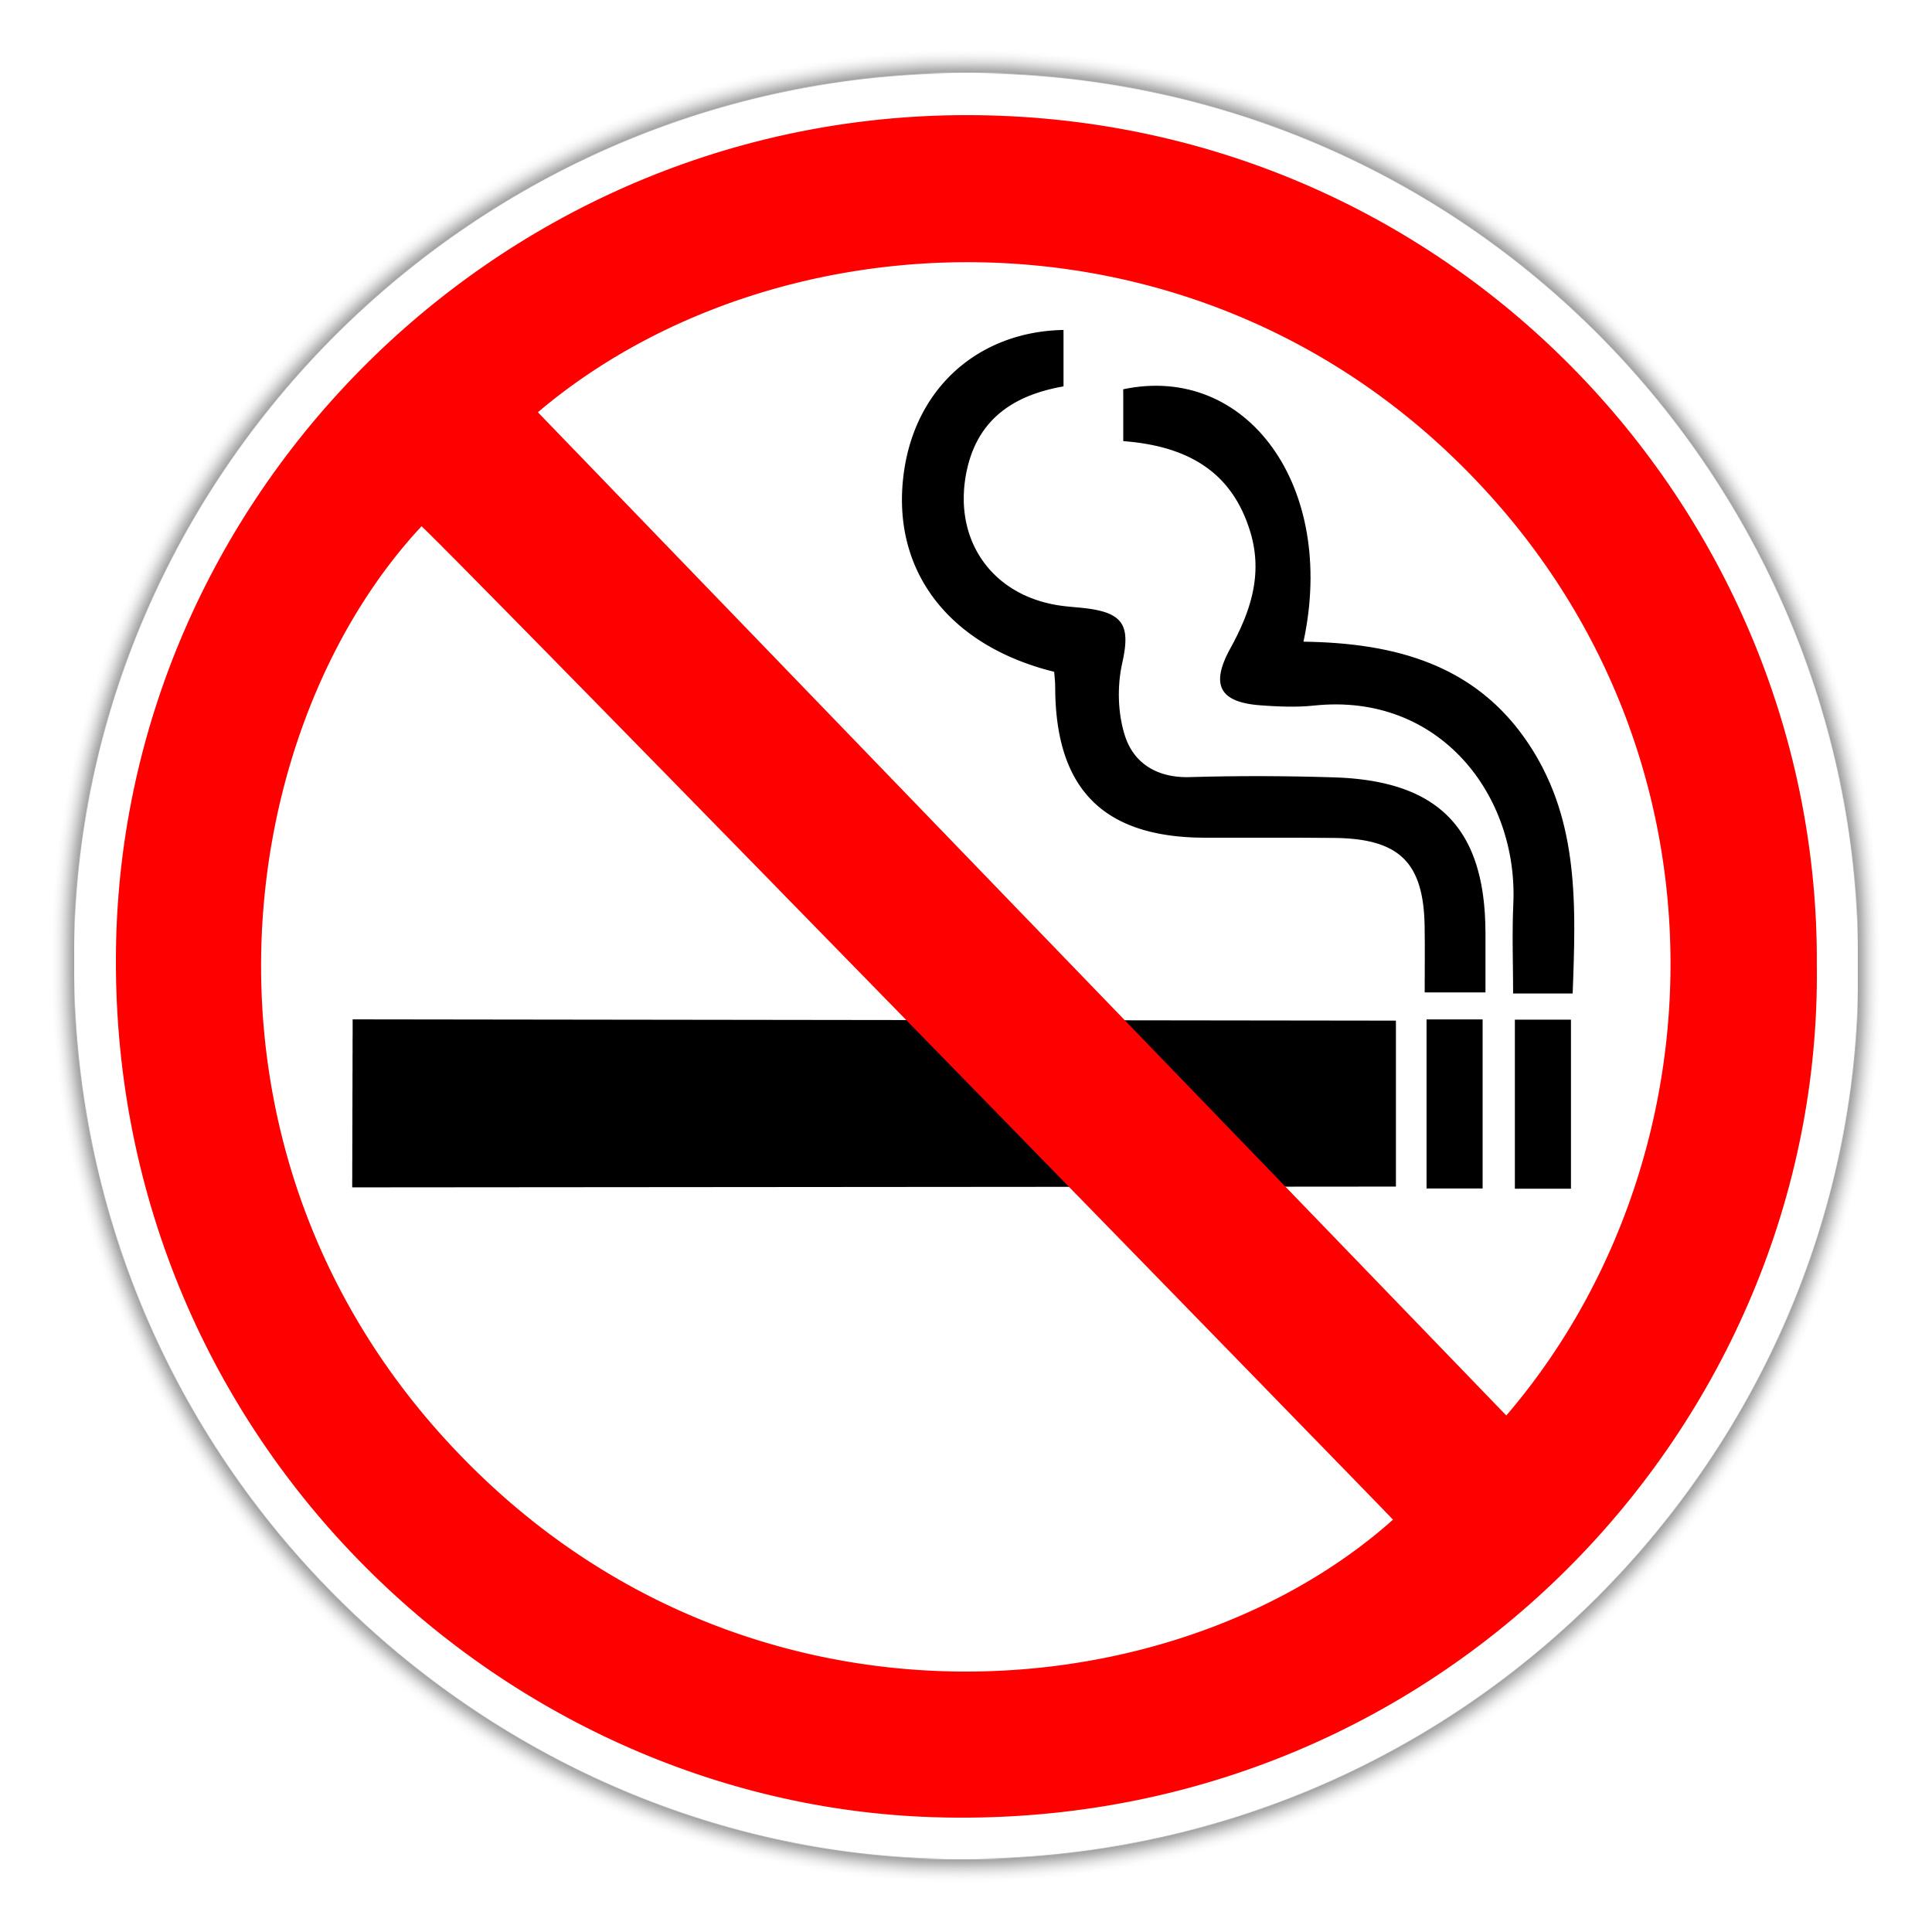 Aufkleber Rauchen verboten Sticker No Smoking Schild Rauchverbot Hinweisschild Selbstklebend